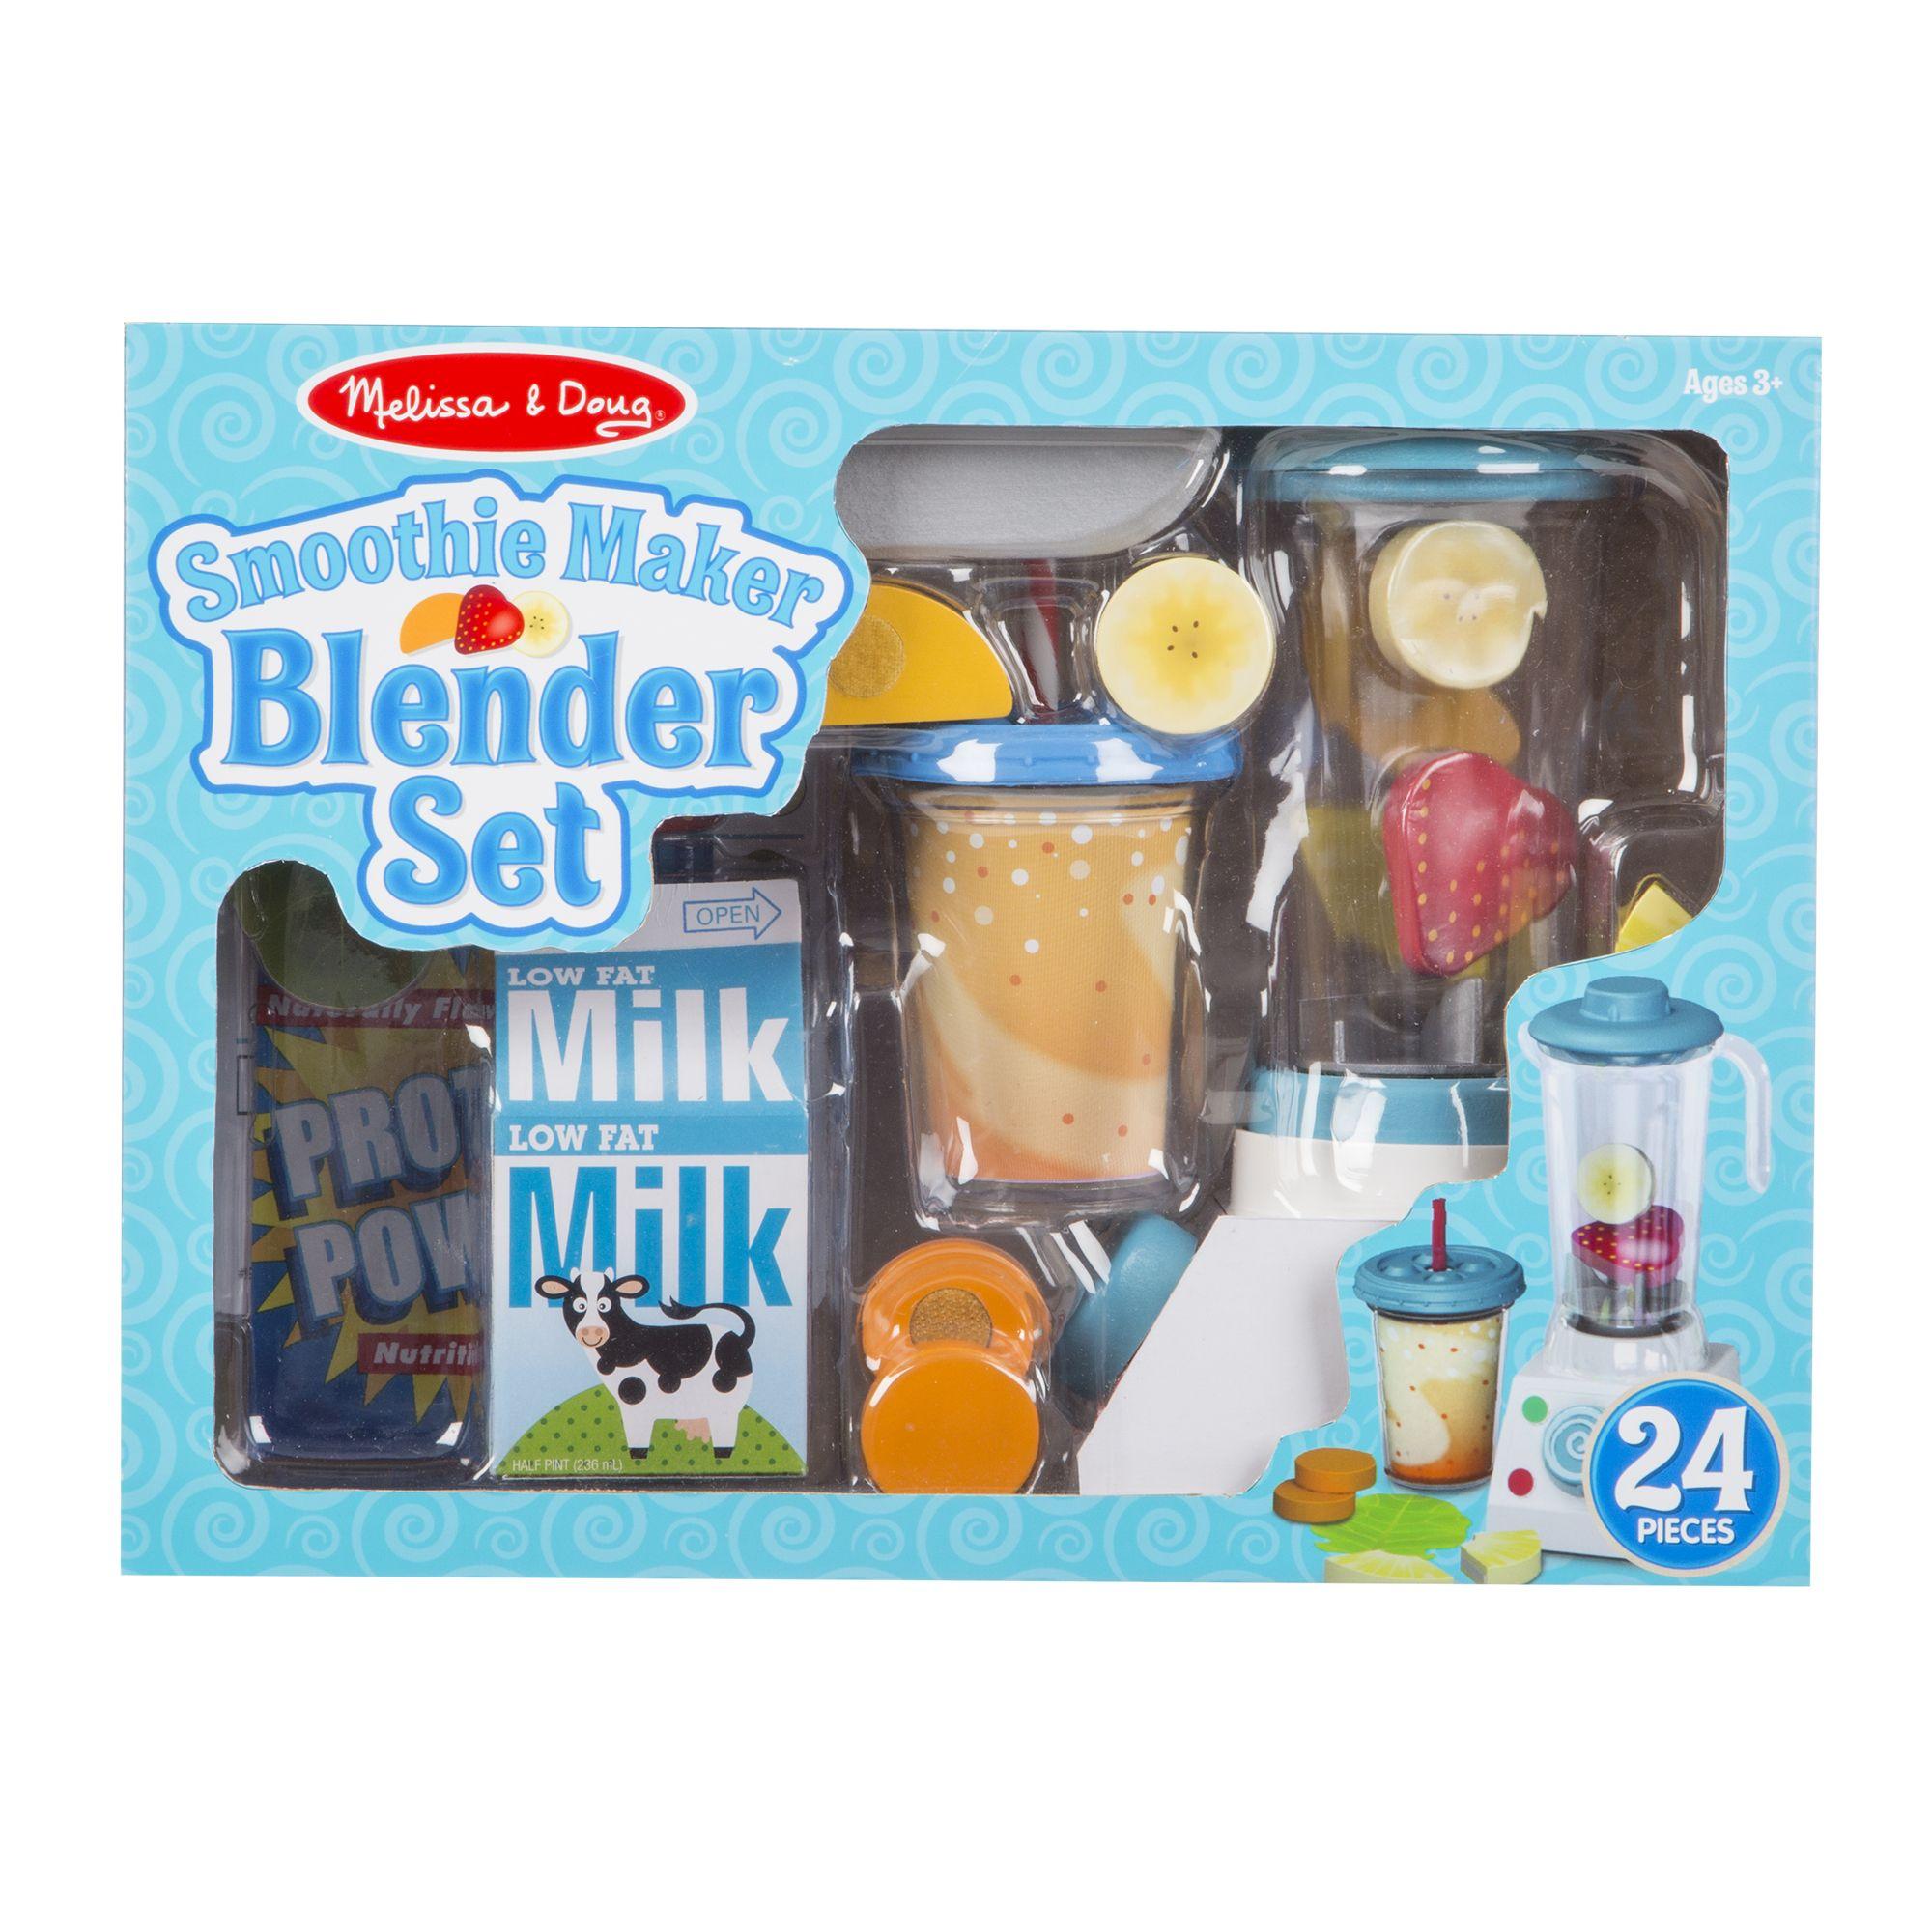 Melissa & Doug รุ่น 9841 Smoothie Maker Blender Set เครื่องปั่นสมูทตี้ เสริมจินตนาการโดยมีลูกเล่นอย่างมากมาย ส่งเสริมในการทำกิจกรรมเป็นกลุ่มและการมีความสำพันธ์รอบด้าน